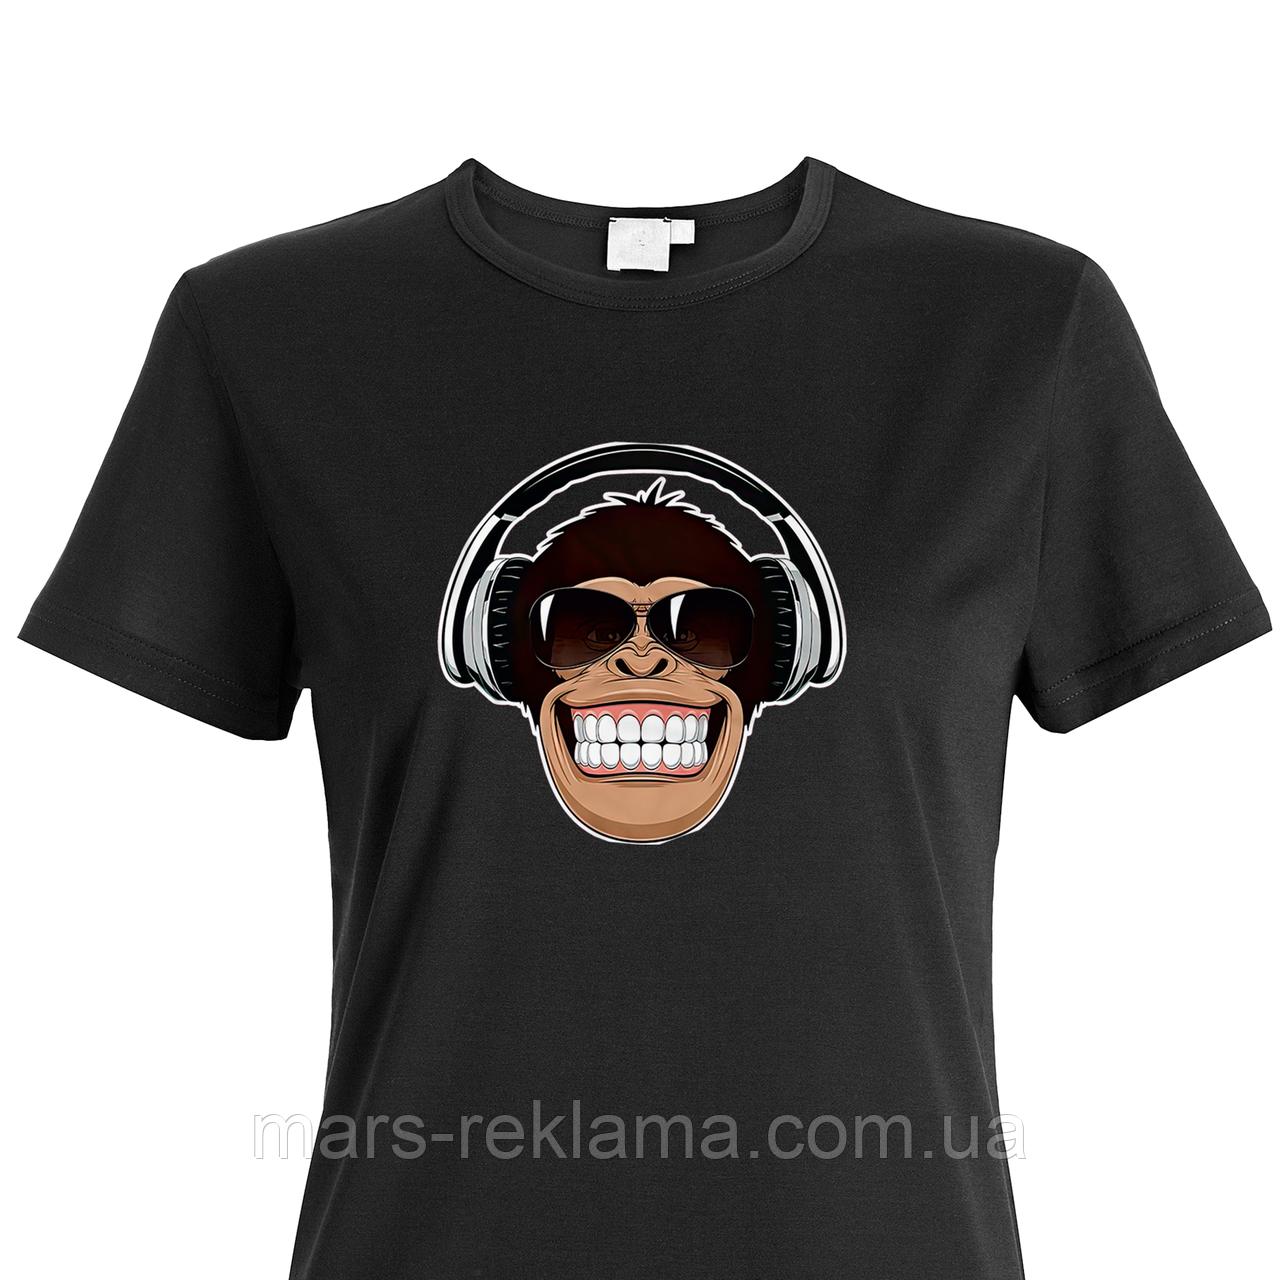 Футболка Мавпа в навушниках. Люблю музику! Бавовна. Чорна, біла. Друк будь-якого зображення